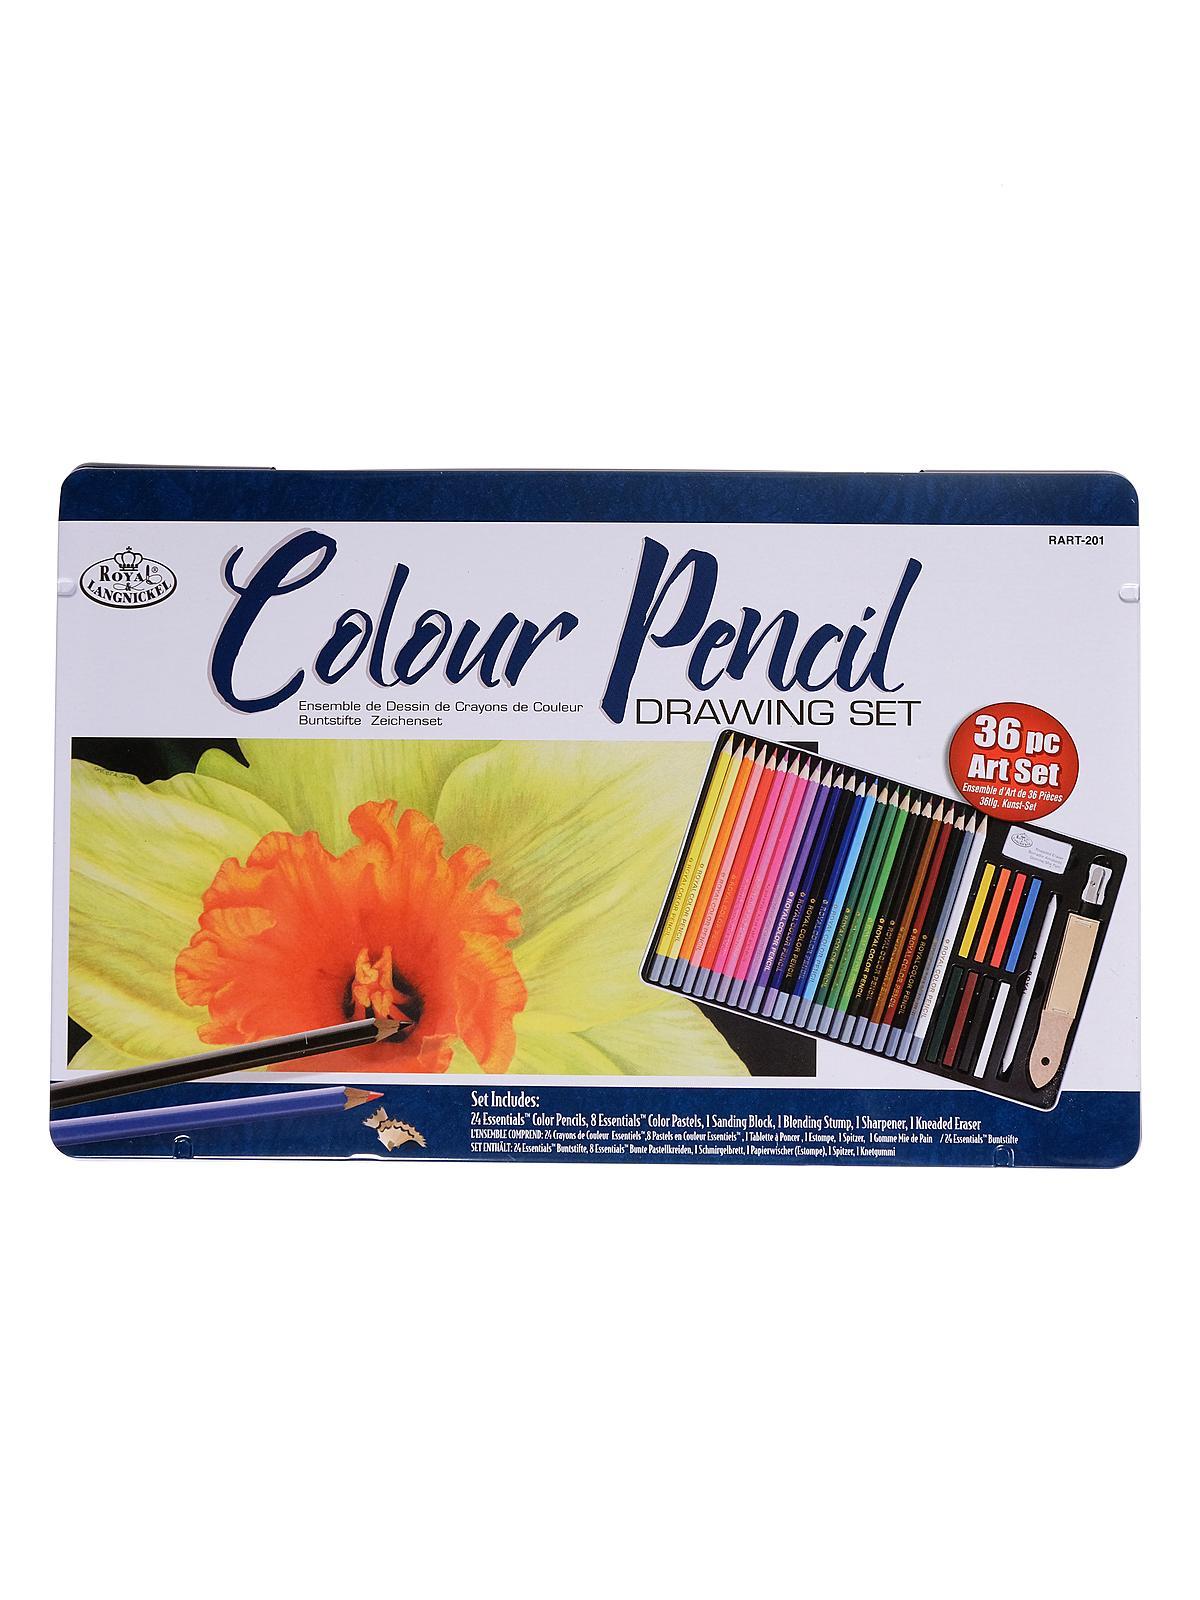 Royal & Langnickel - Colour Pencil Drawing Set